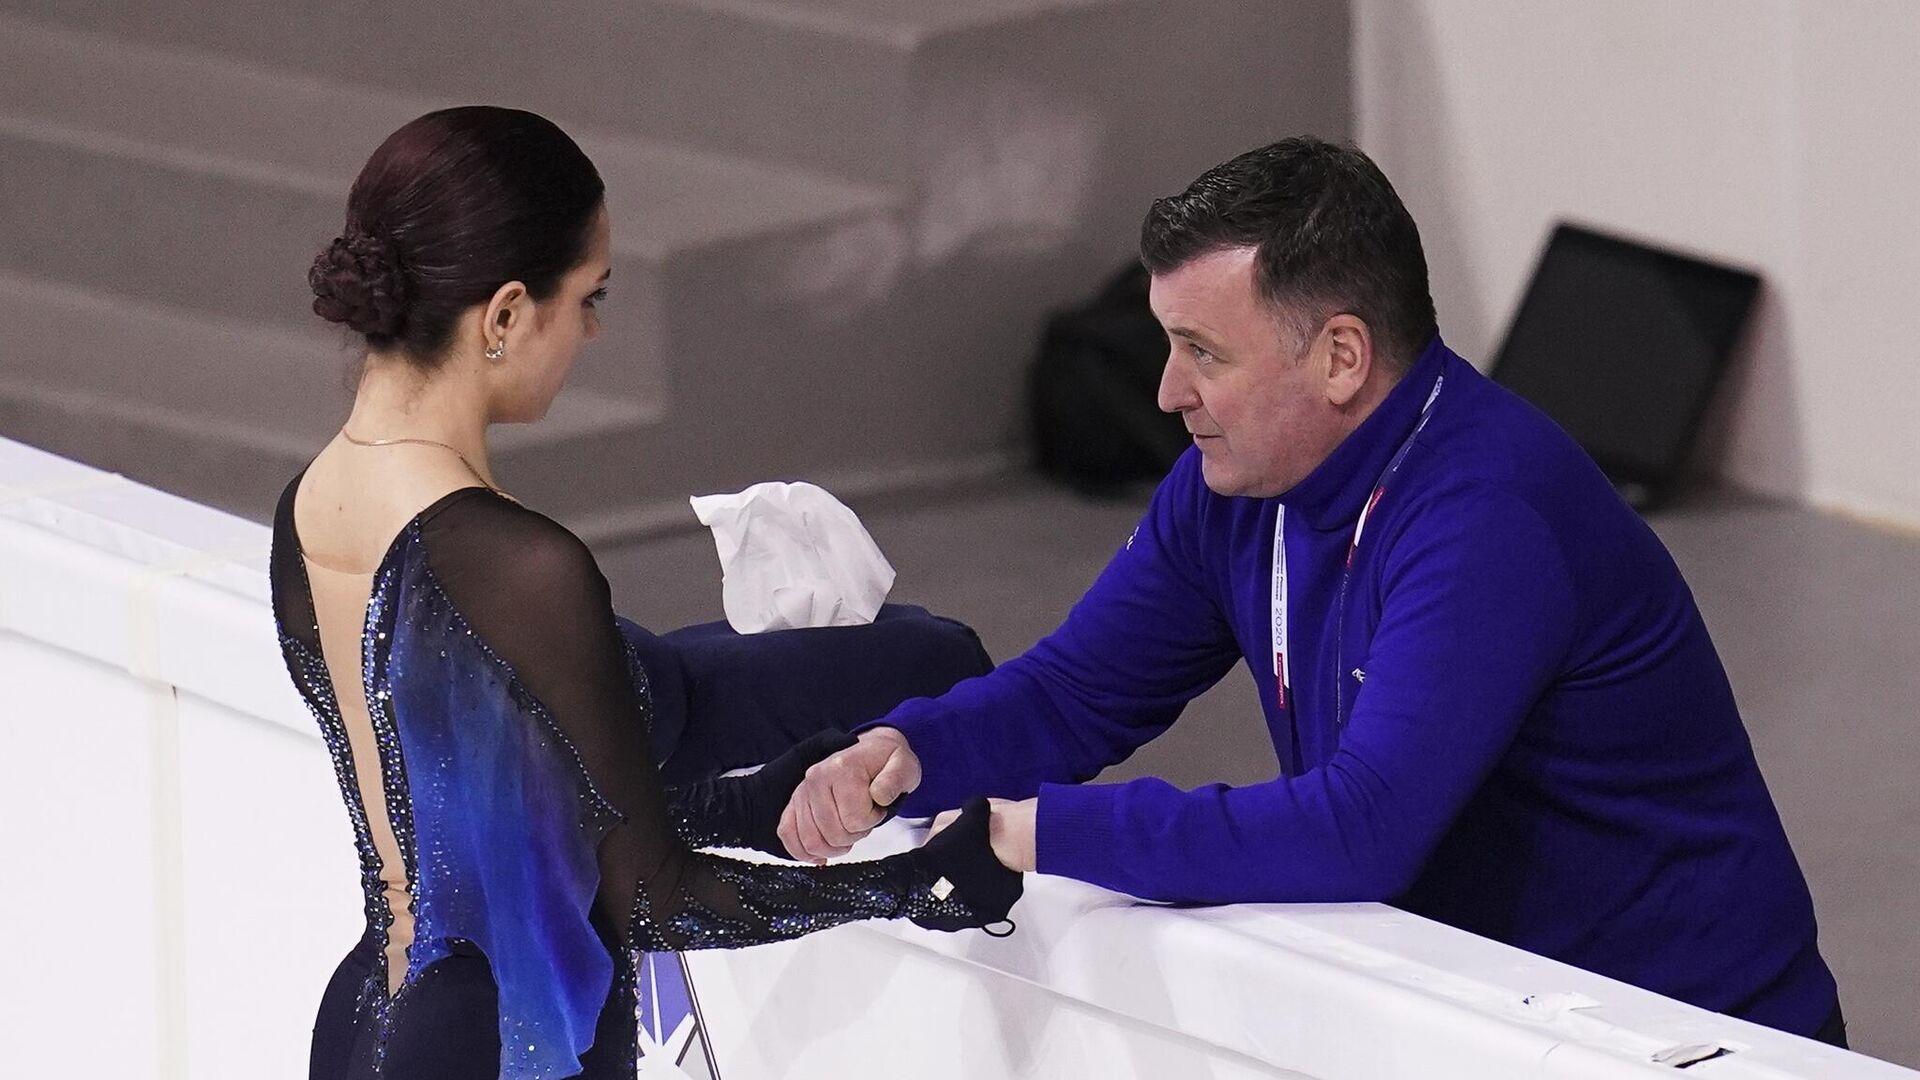 Евгения Медведева и ее тренер Брайан Орсер - РИА Новости, 1920, 16.09.2020